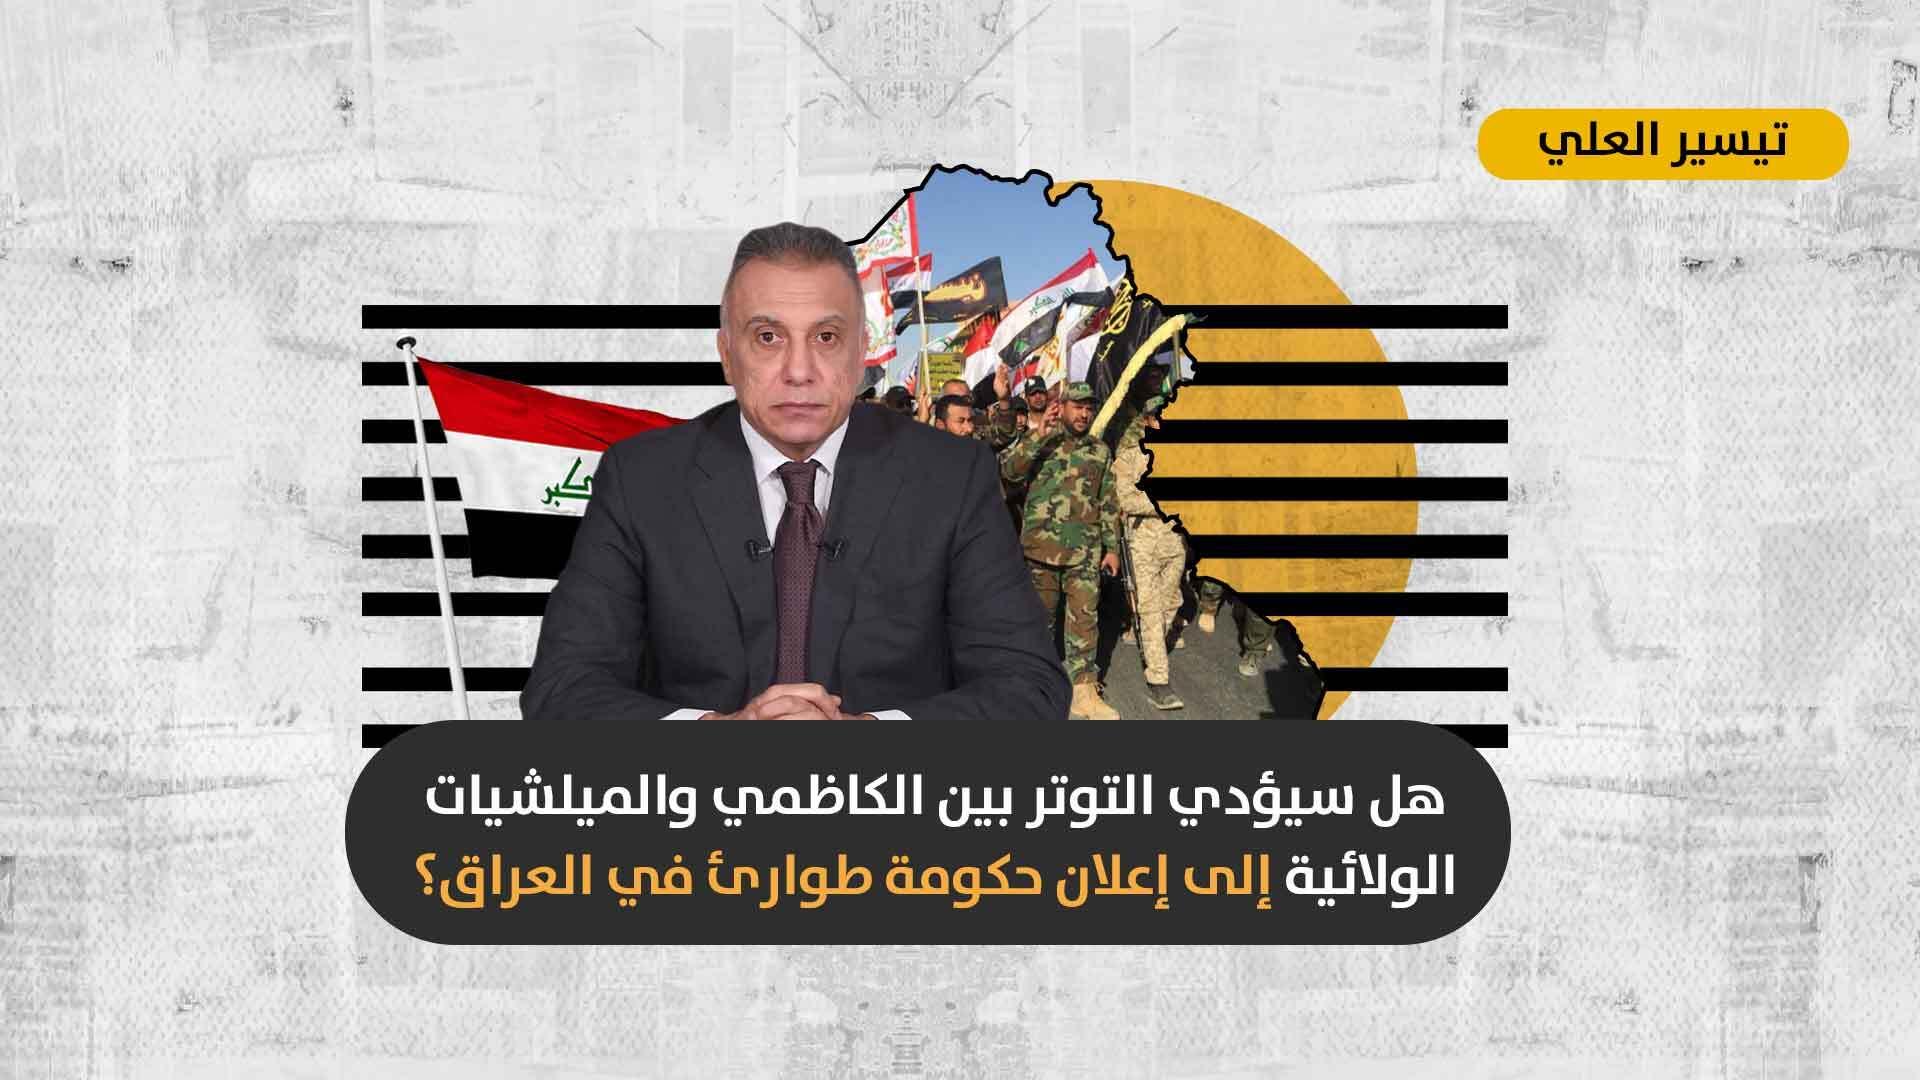 """بعد اعتقال المتهم باغتيال """"إيهاب الوزني"""": هل سيتصاعد الصراع بين الحكومة العراقية والميلشيات الولائية؟"""